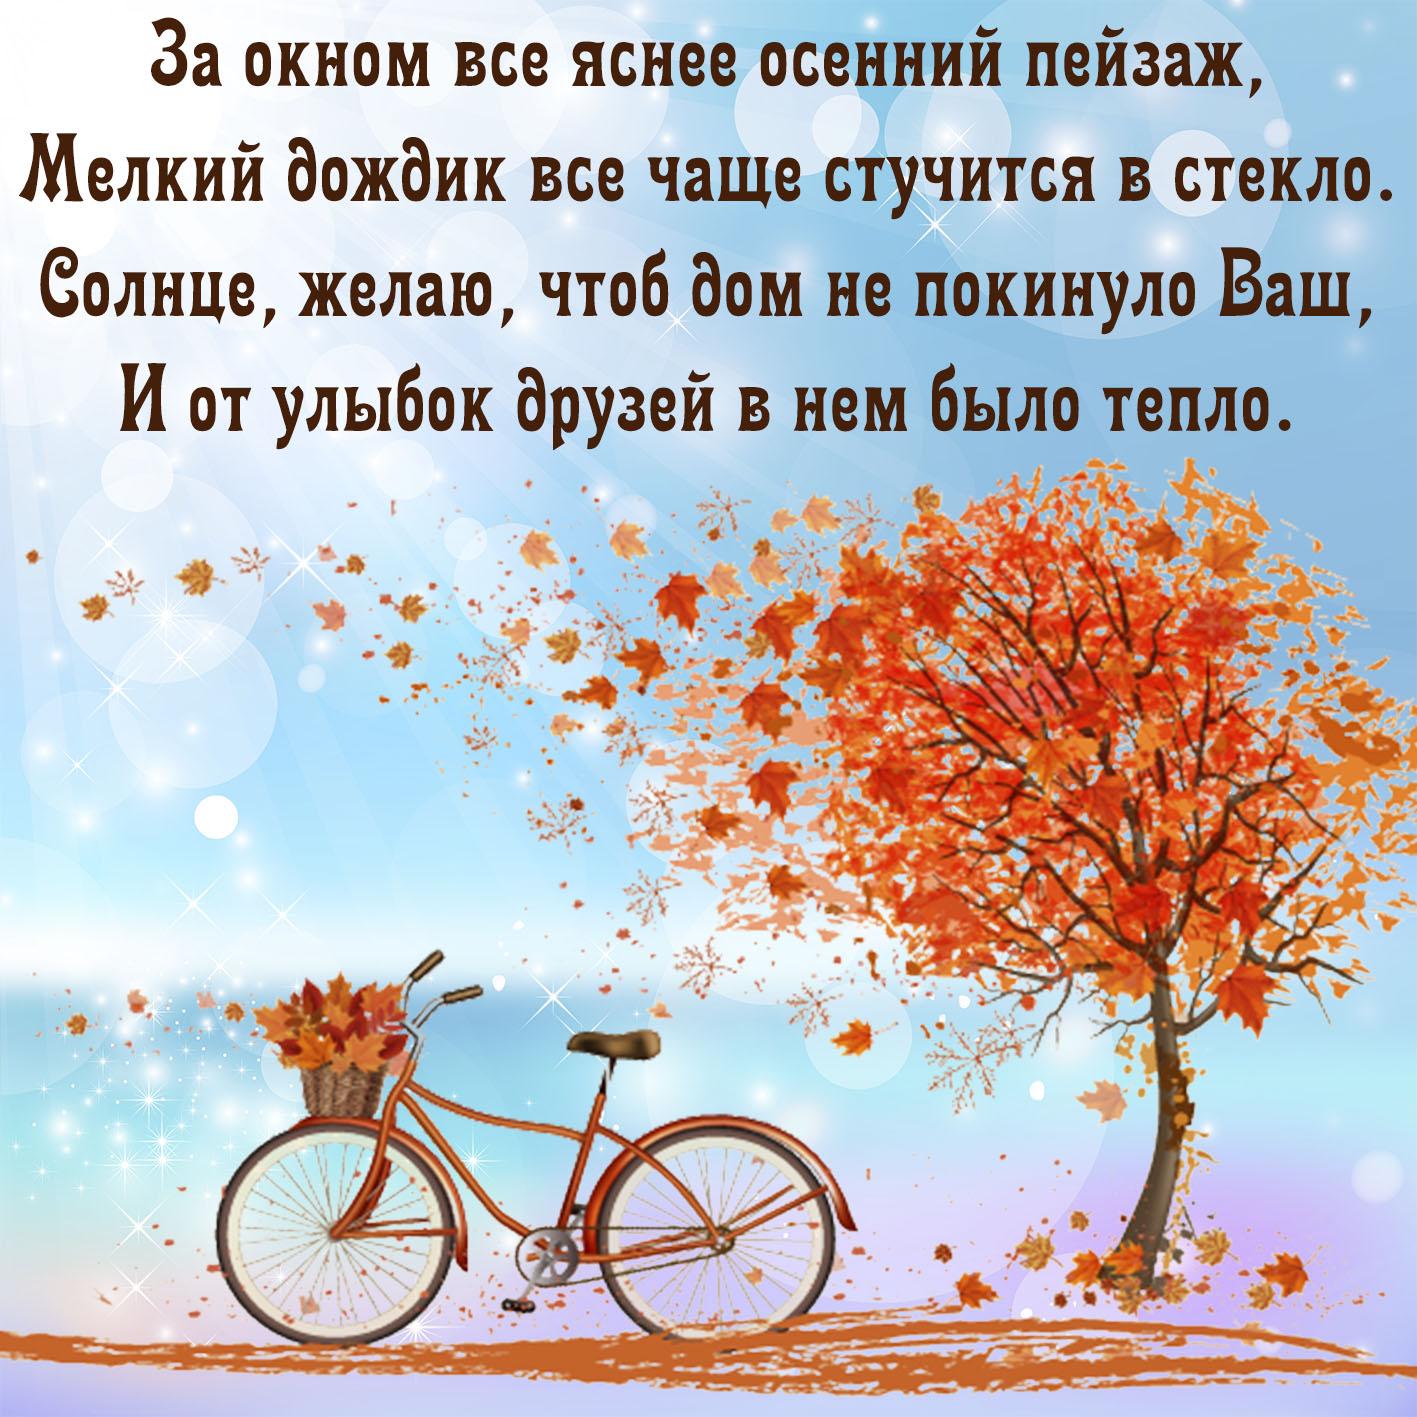 Картинки осень красивые с пожеланиями